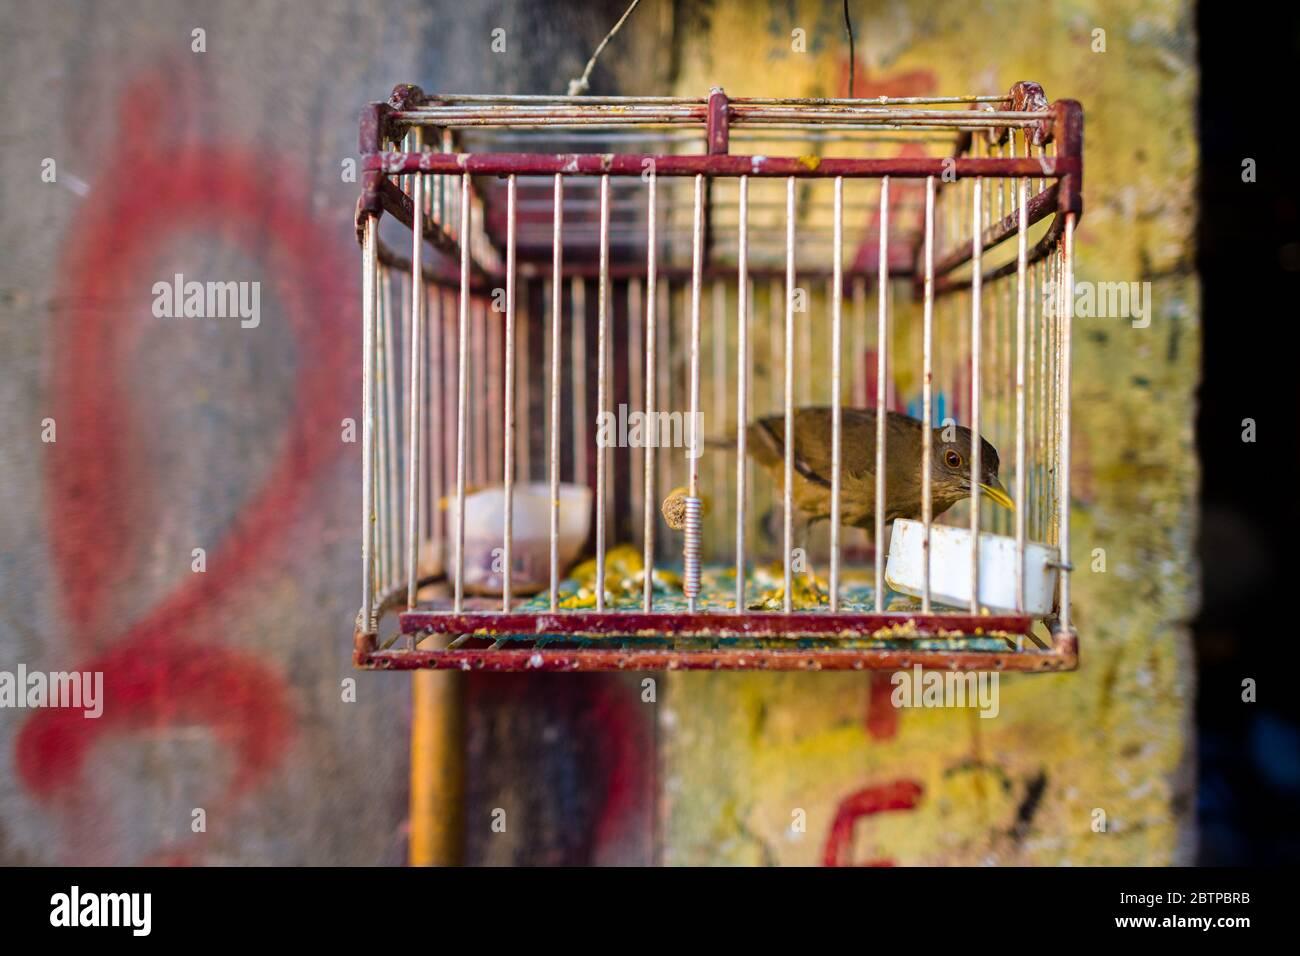 Un oiseau animal (canari sauvage) est vu à l'intérieur d'une cage à oiseaux accrochée au marché des oiseaux à Cartagena, Colombie. Banque D'Images